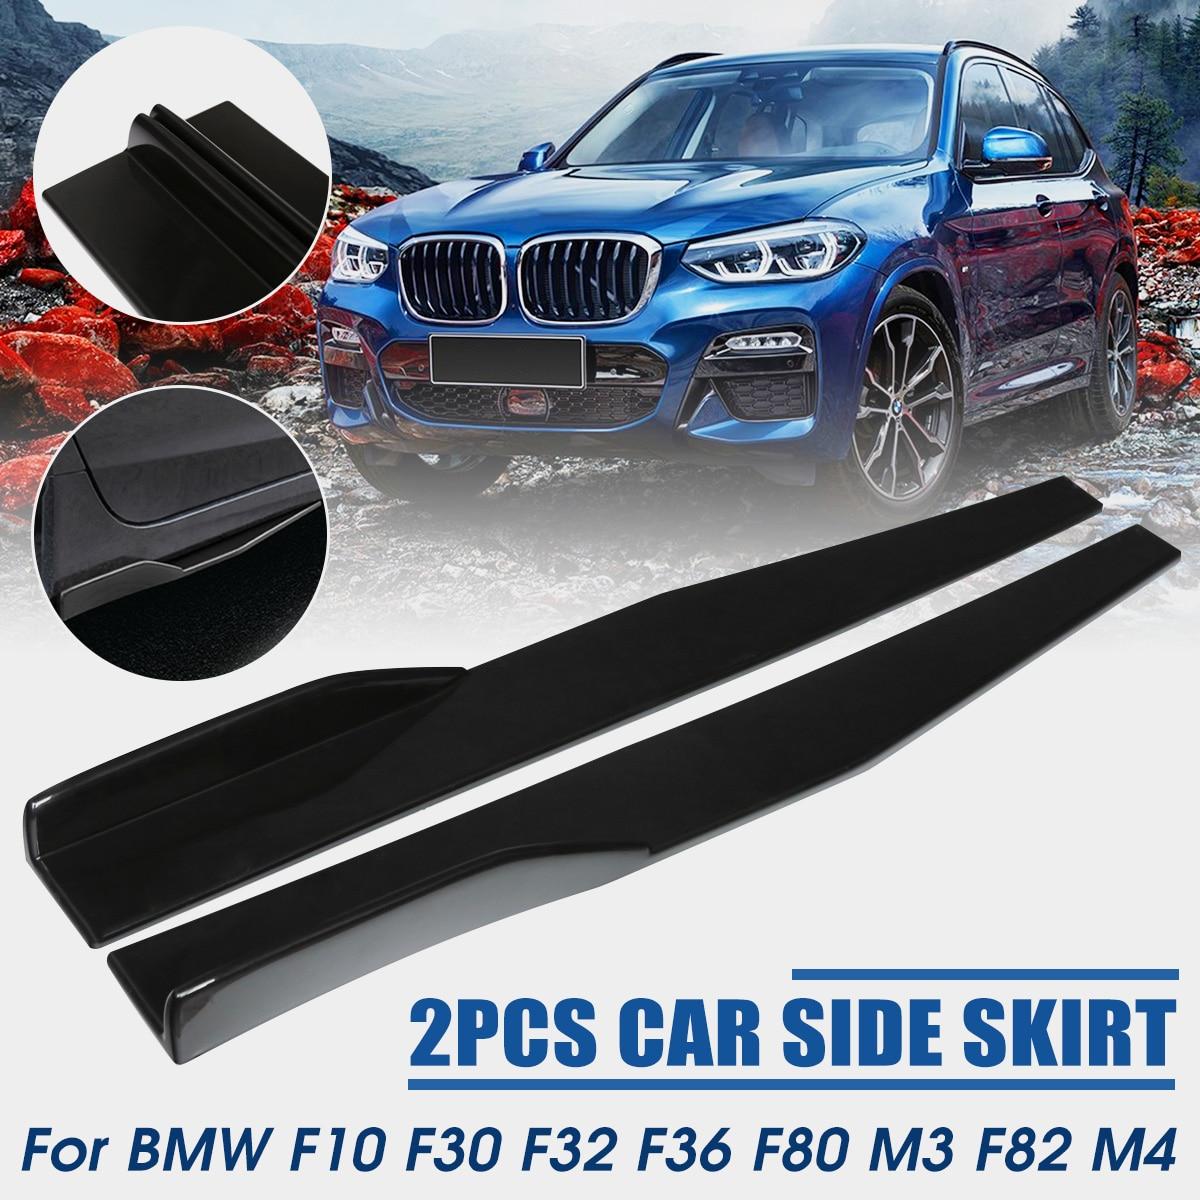 2 pçs 74.5cm saia lateral do carro universal rocker splitter winglet asa lateral pára-choques lábio preto/vermelho/fibra de carbono olhar saias laterais